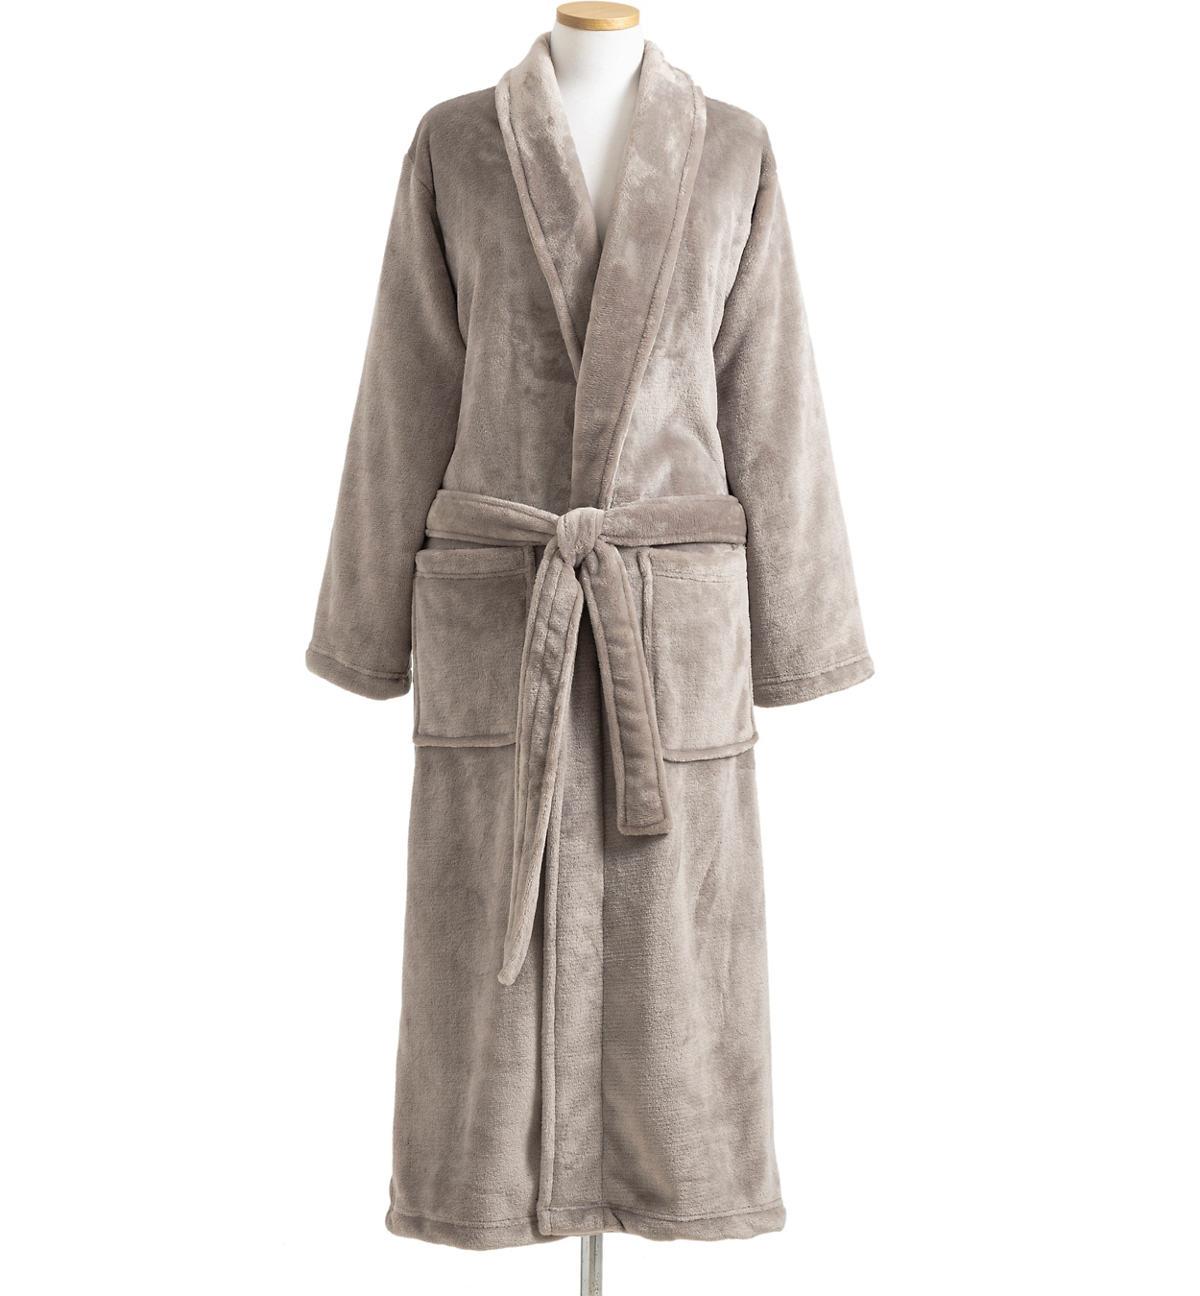 Sheepy Fleece 2.0 Pebble Robe